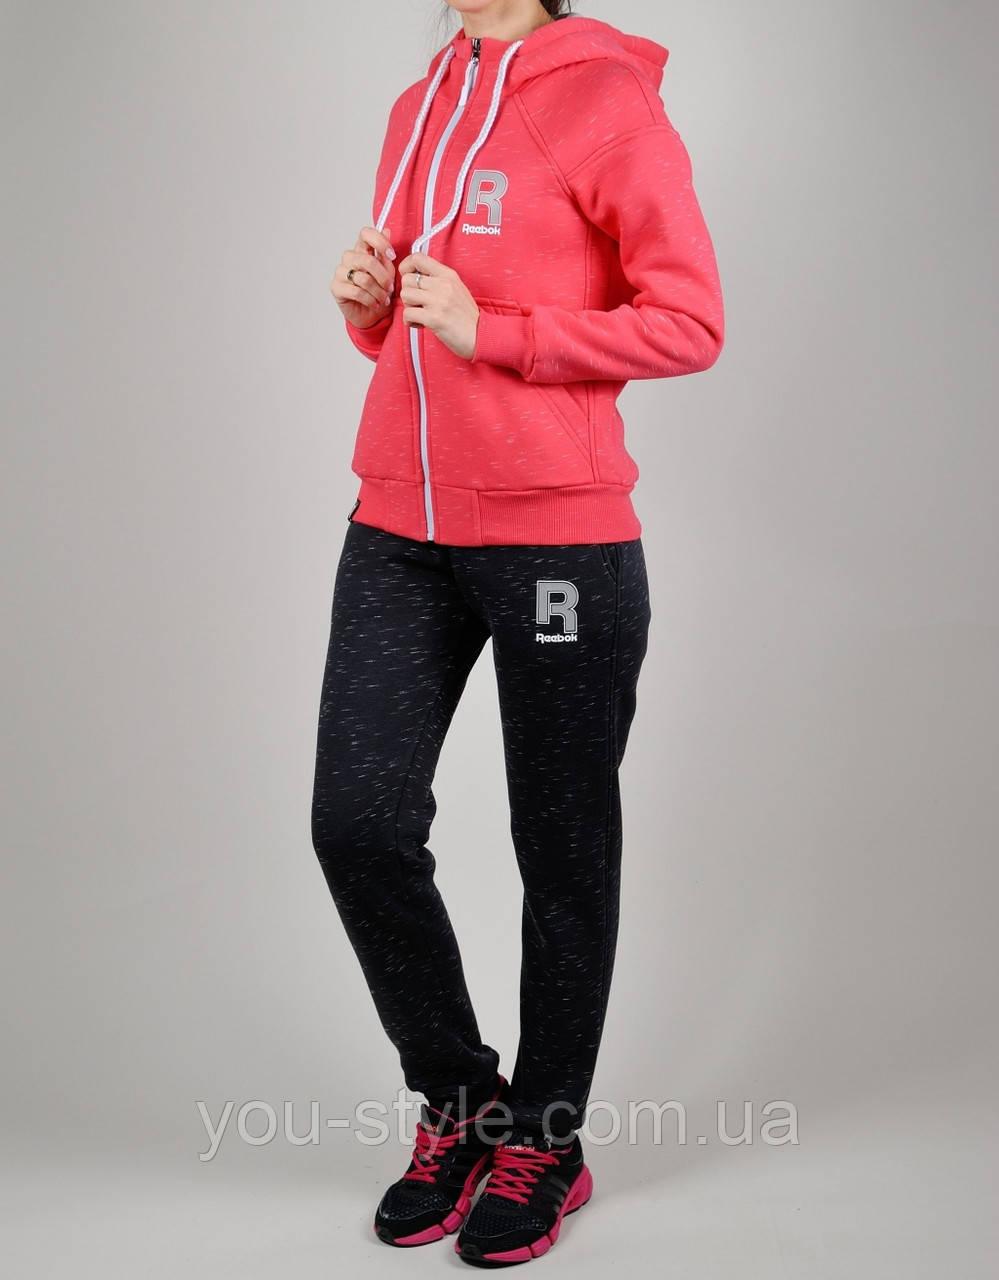 f7e0c3d7 Зимний женский спортивный костюм Reebok 1117 Коралловый - Интернет магазин